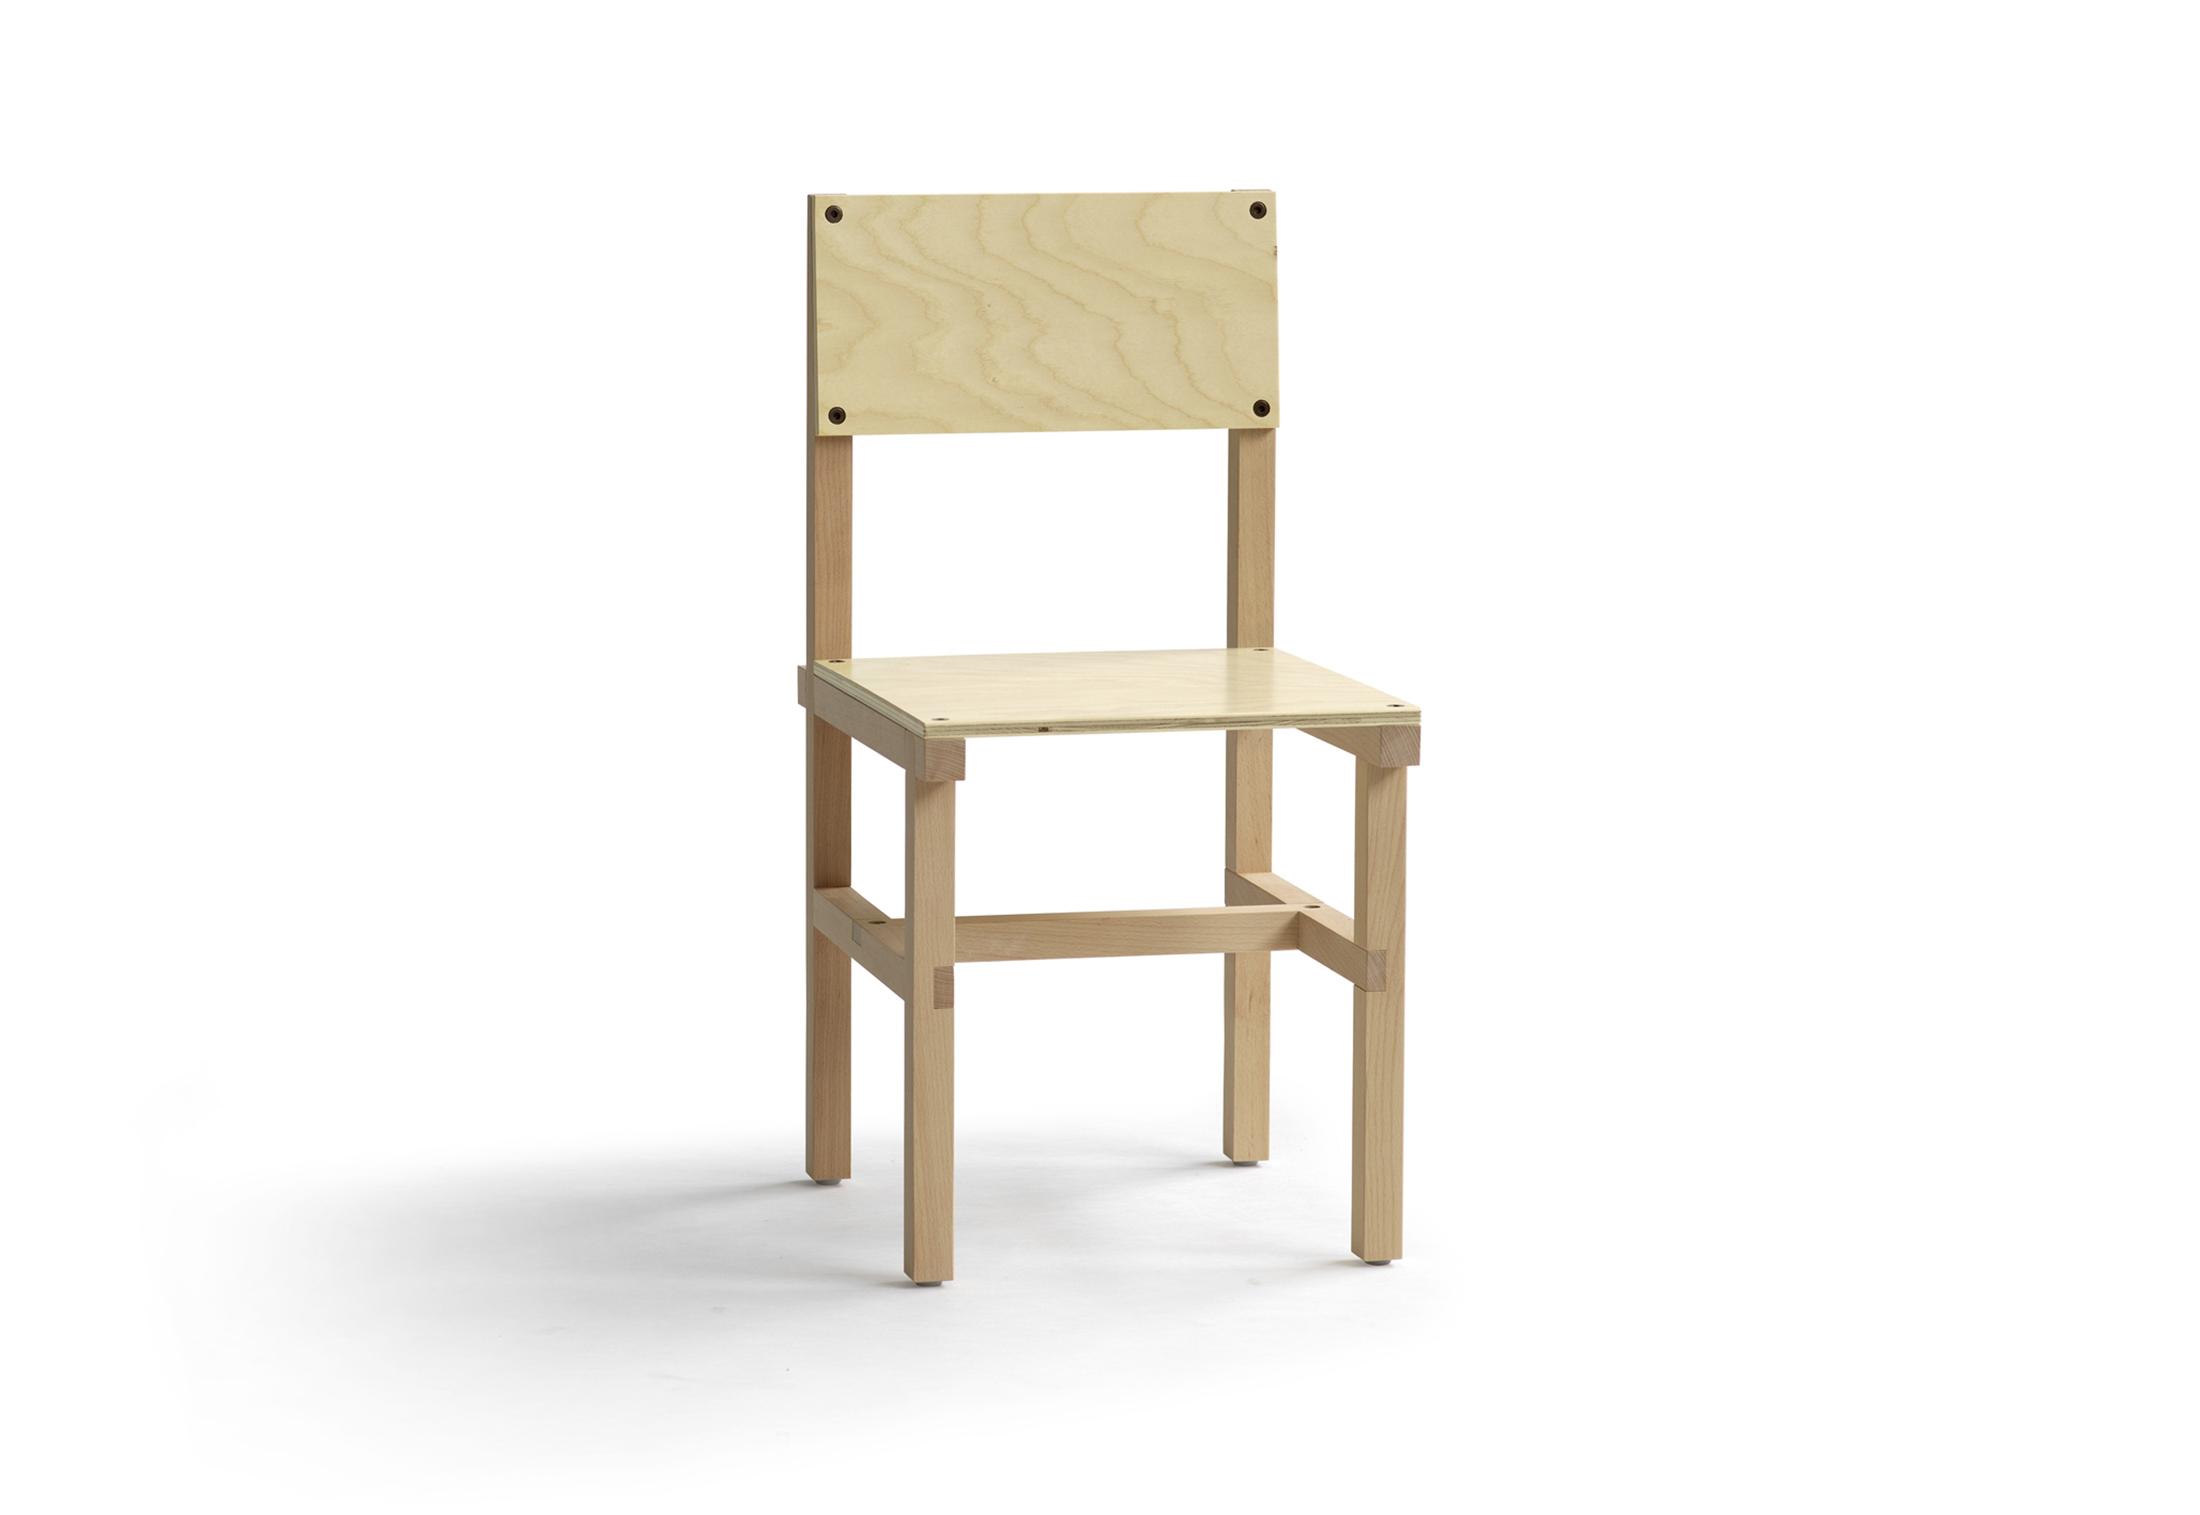 坐具|休闲椅|创意家具|现代家居|时尚家具|设计师家具|定制家具|实木家具|Rohsska 木椅